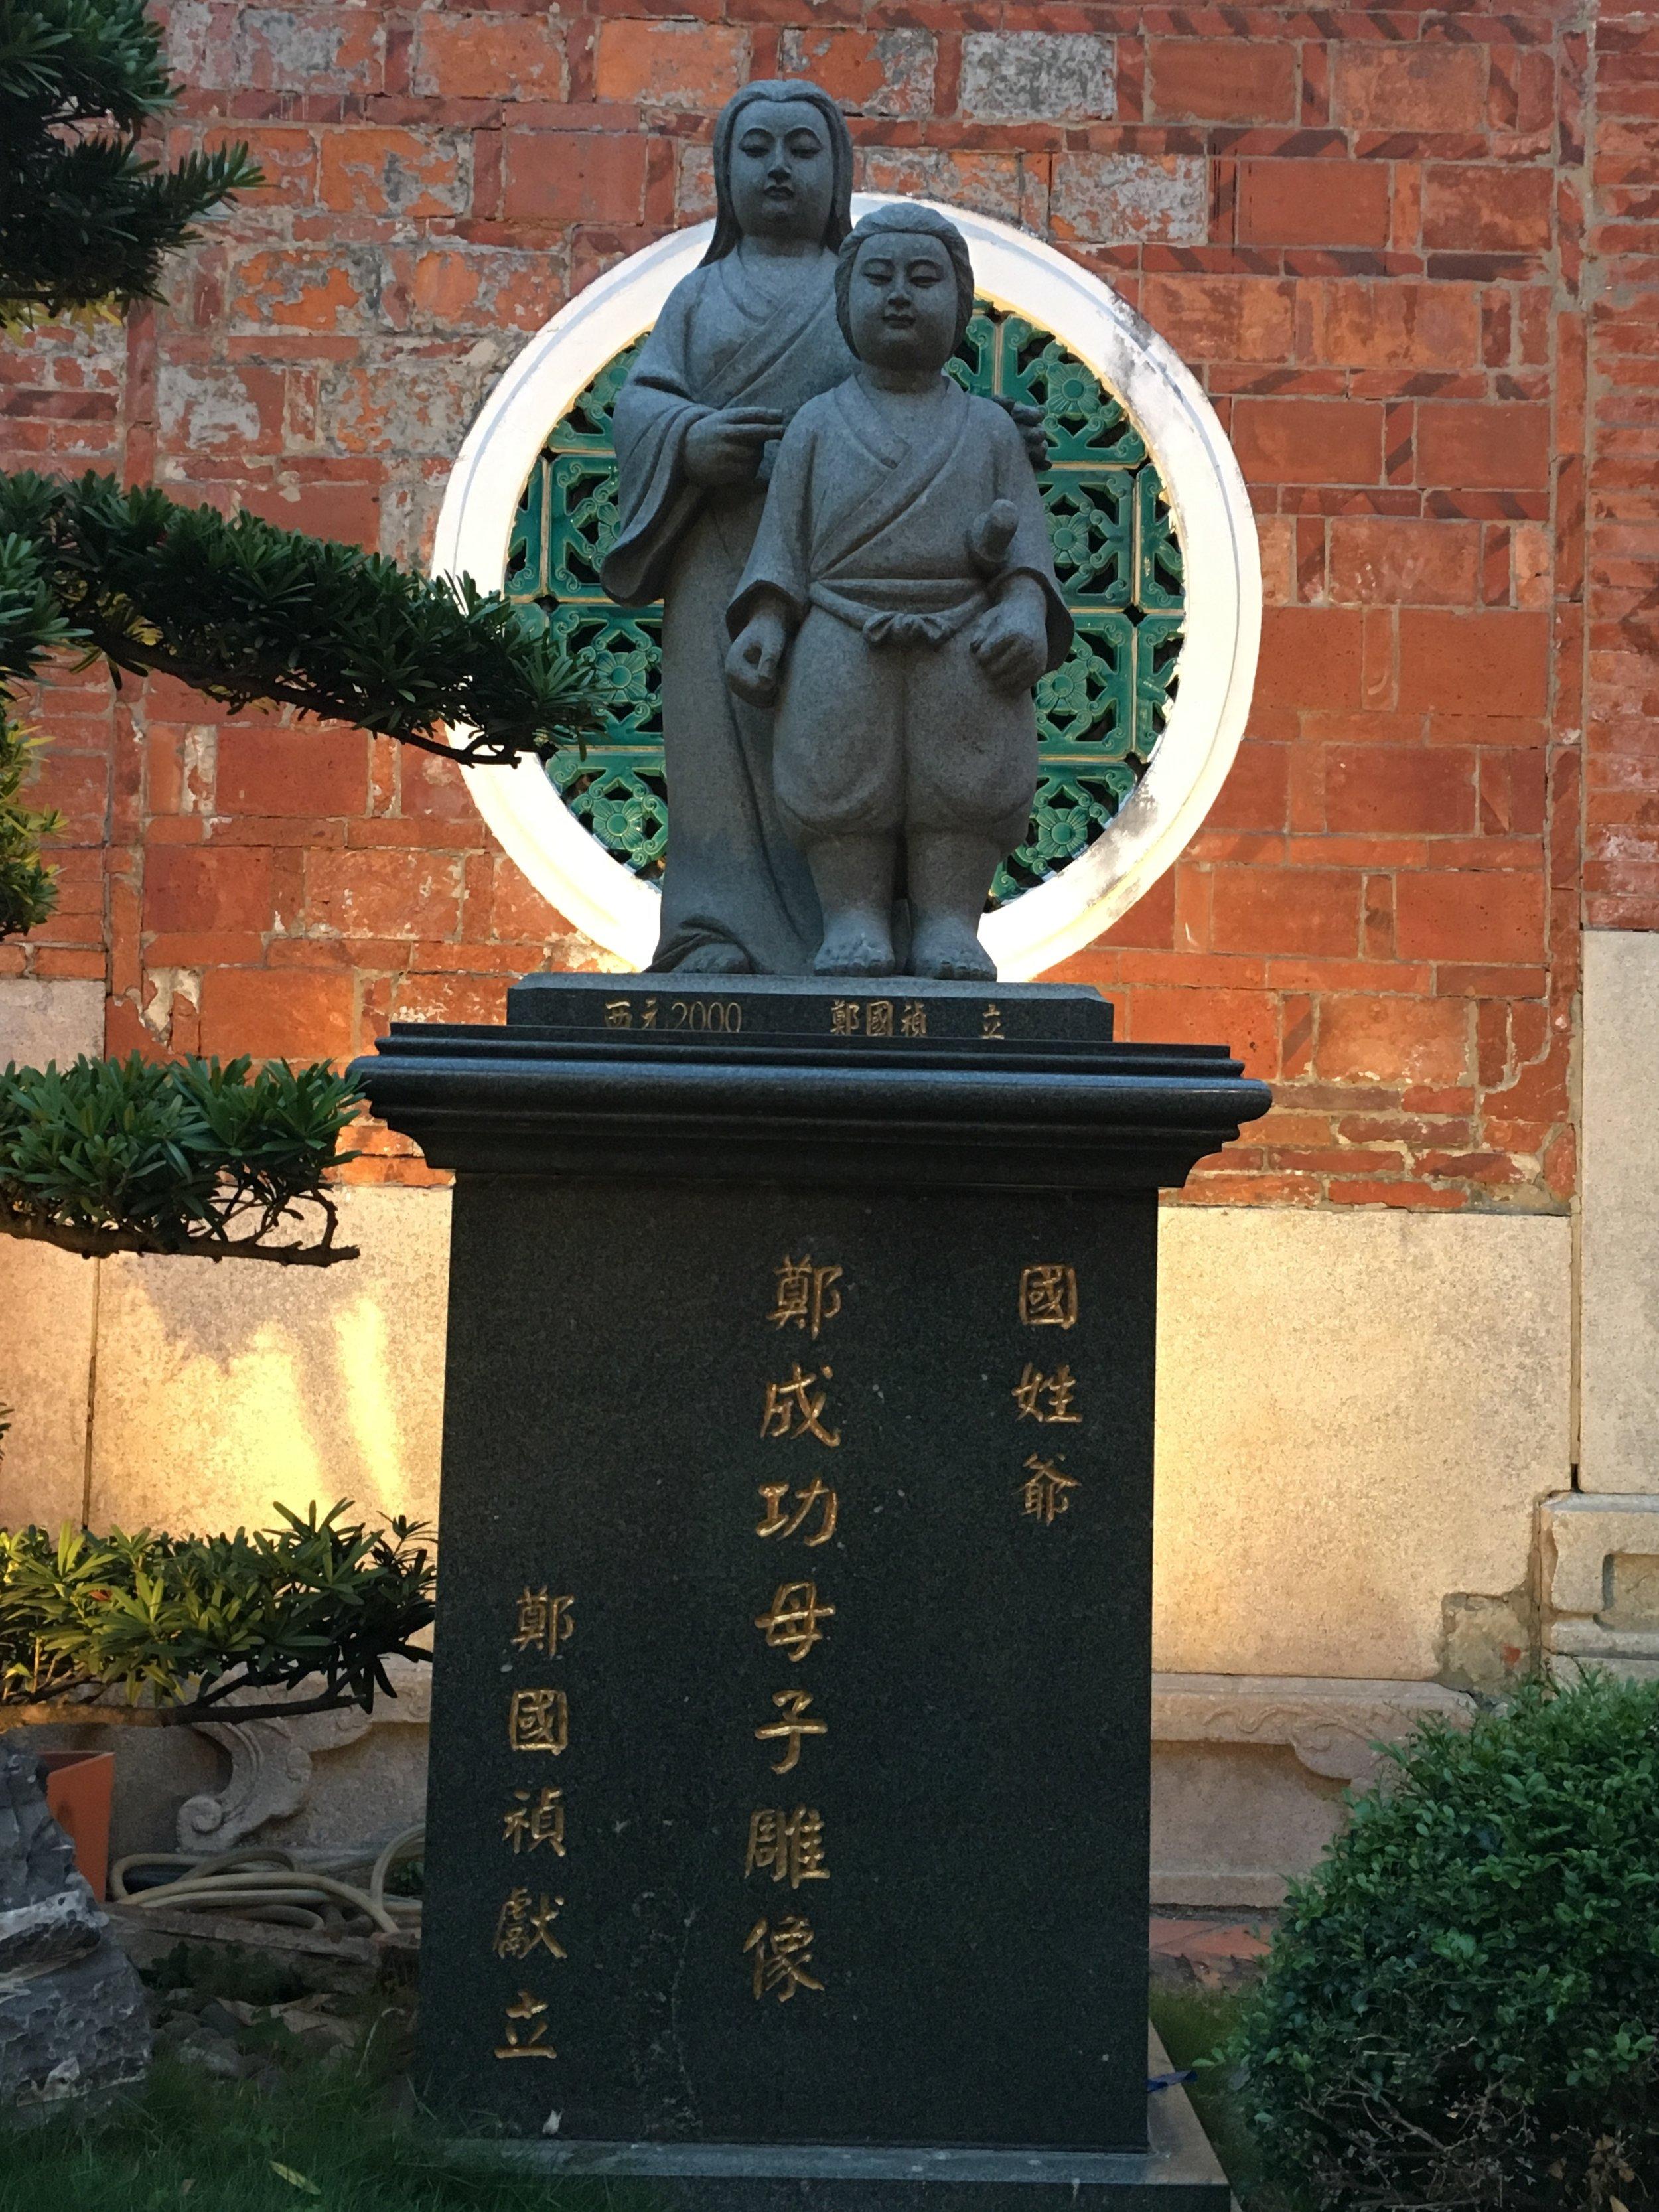 Son of Kyushu and Taiwanese (or Chinese?) hero: Zheng Cheng-gong (born in Hirado, Kyushu)with his Japanese mother, Tainan, southern Taiwan (Photo: Edward Vickers)